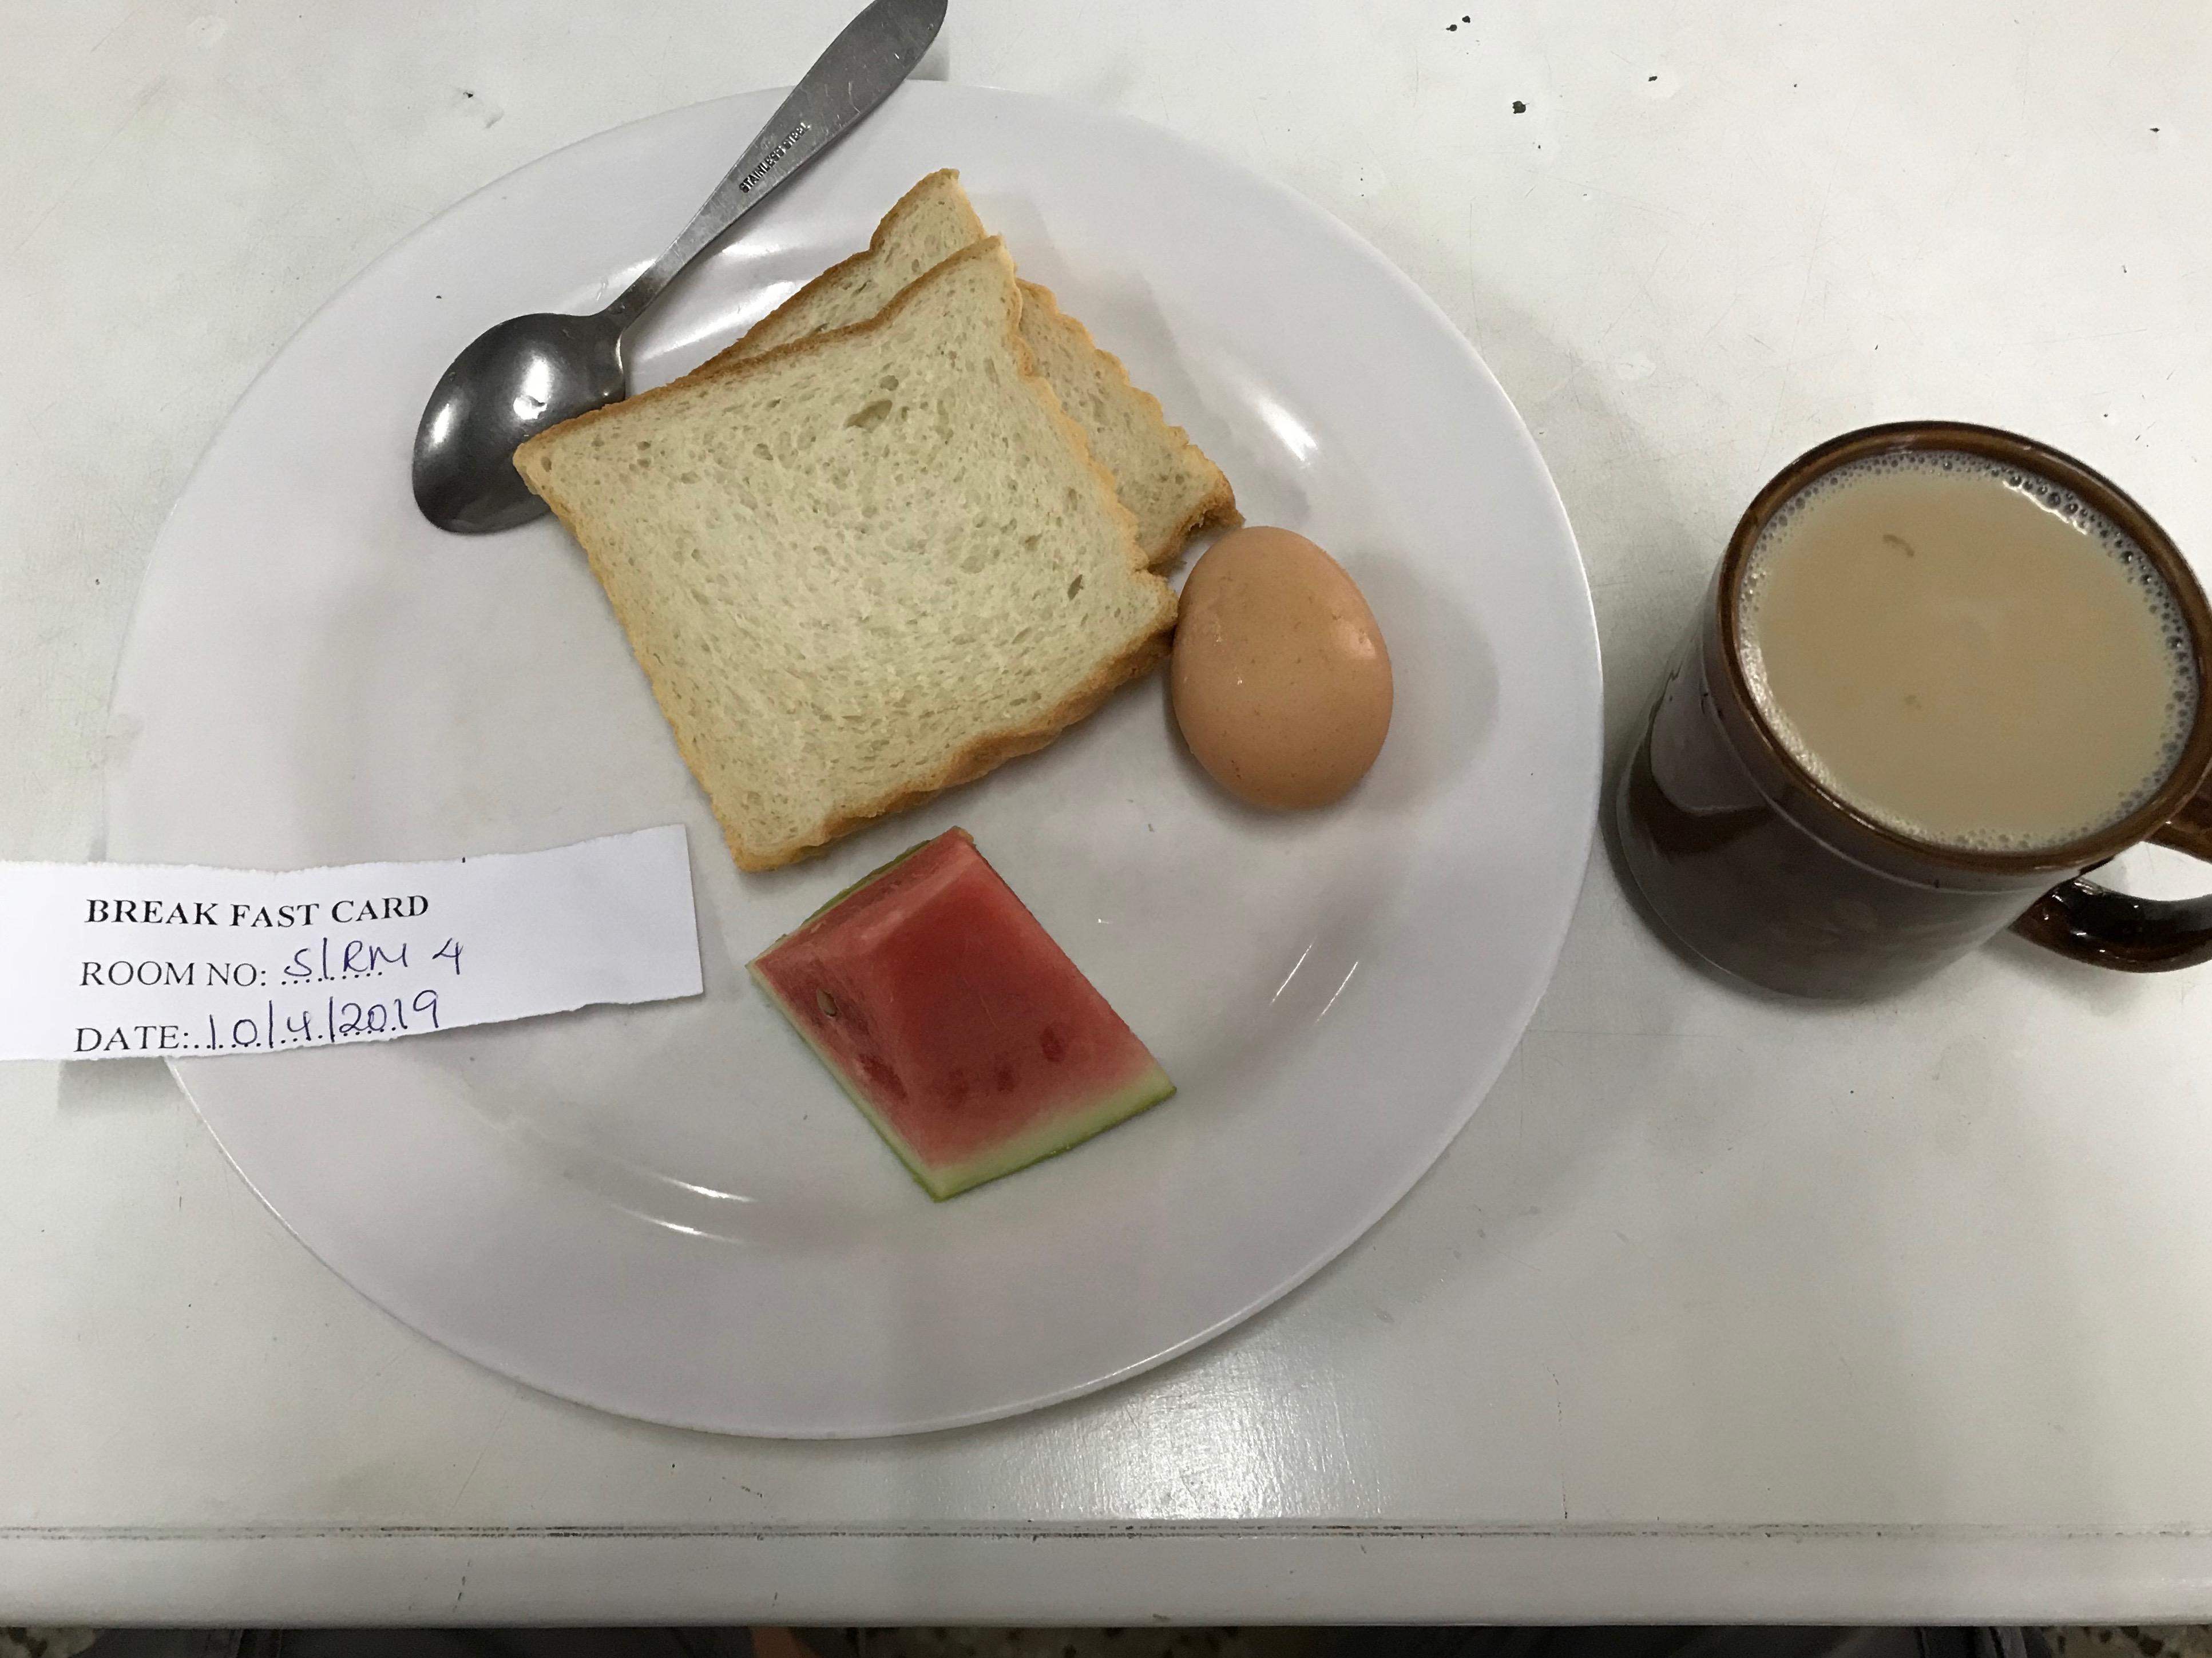 YWCA朝飯